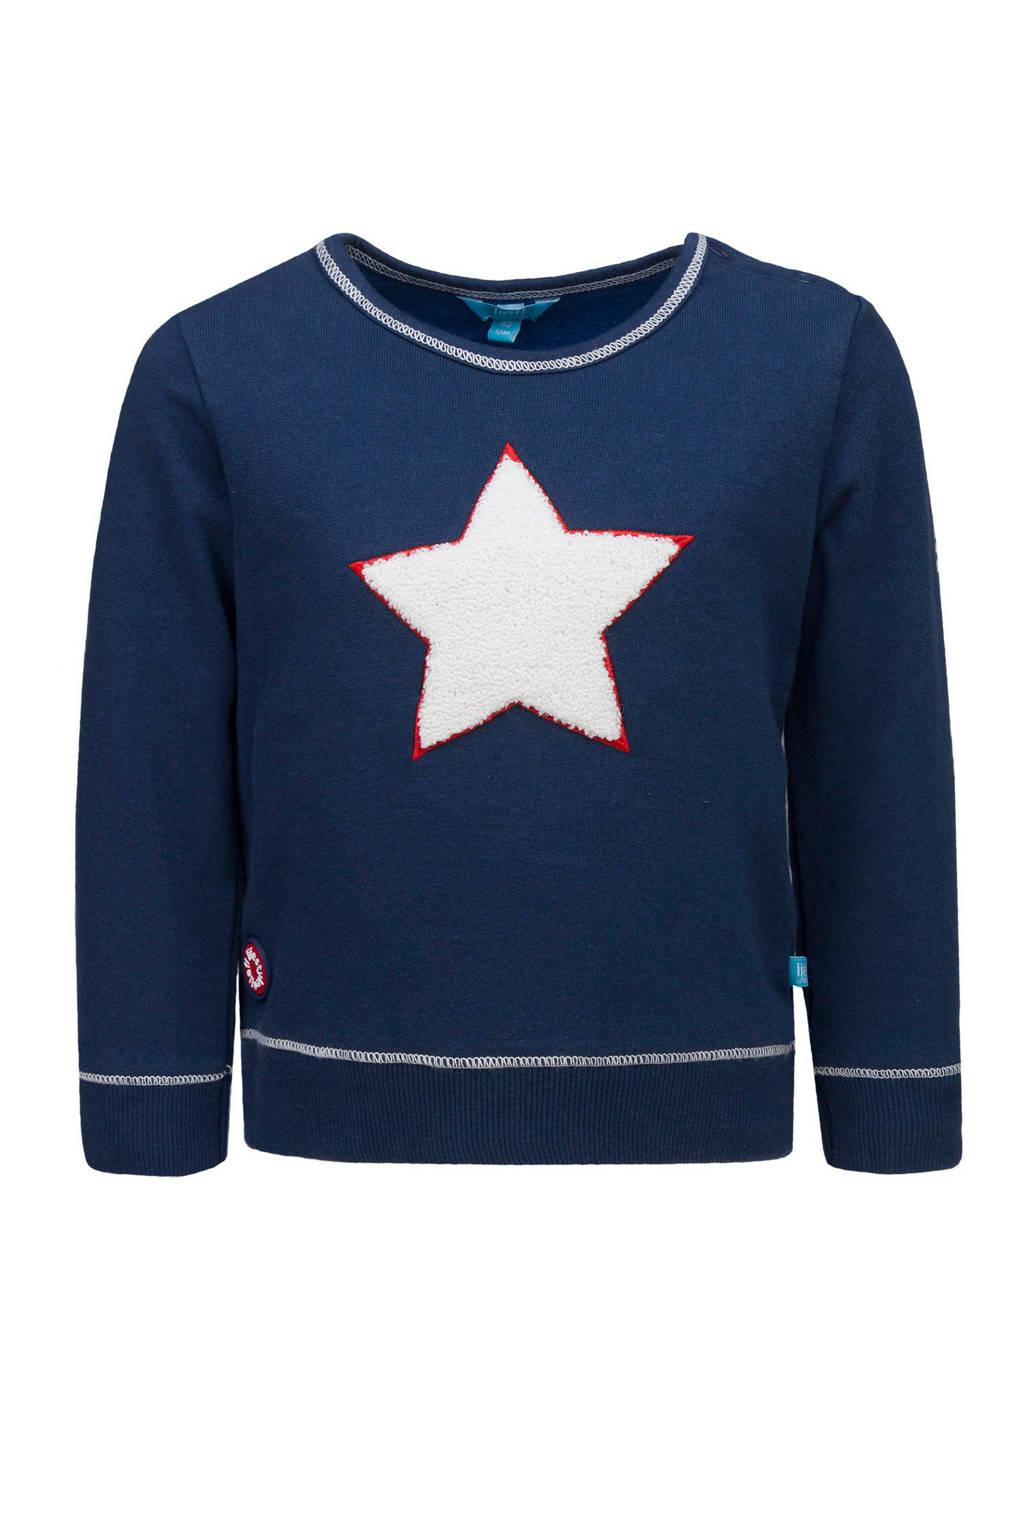 lief! sweater met printopdruk en 3D applicatie donkerblauw/wit, Donkerblauw/wit